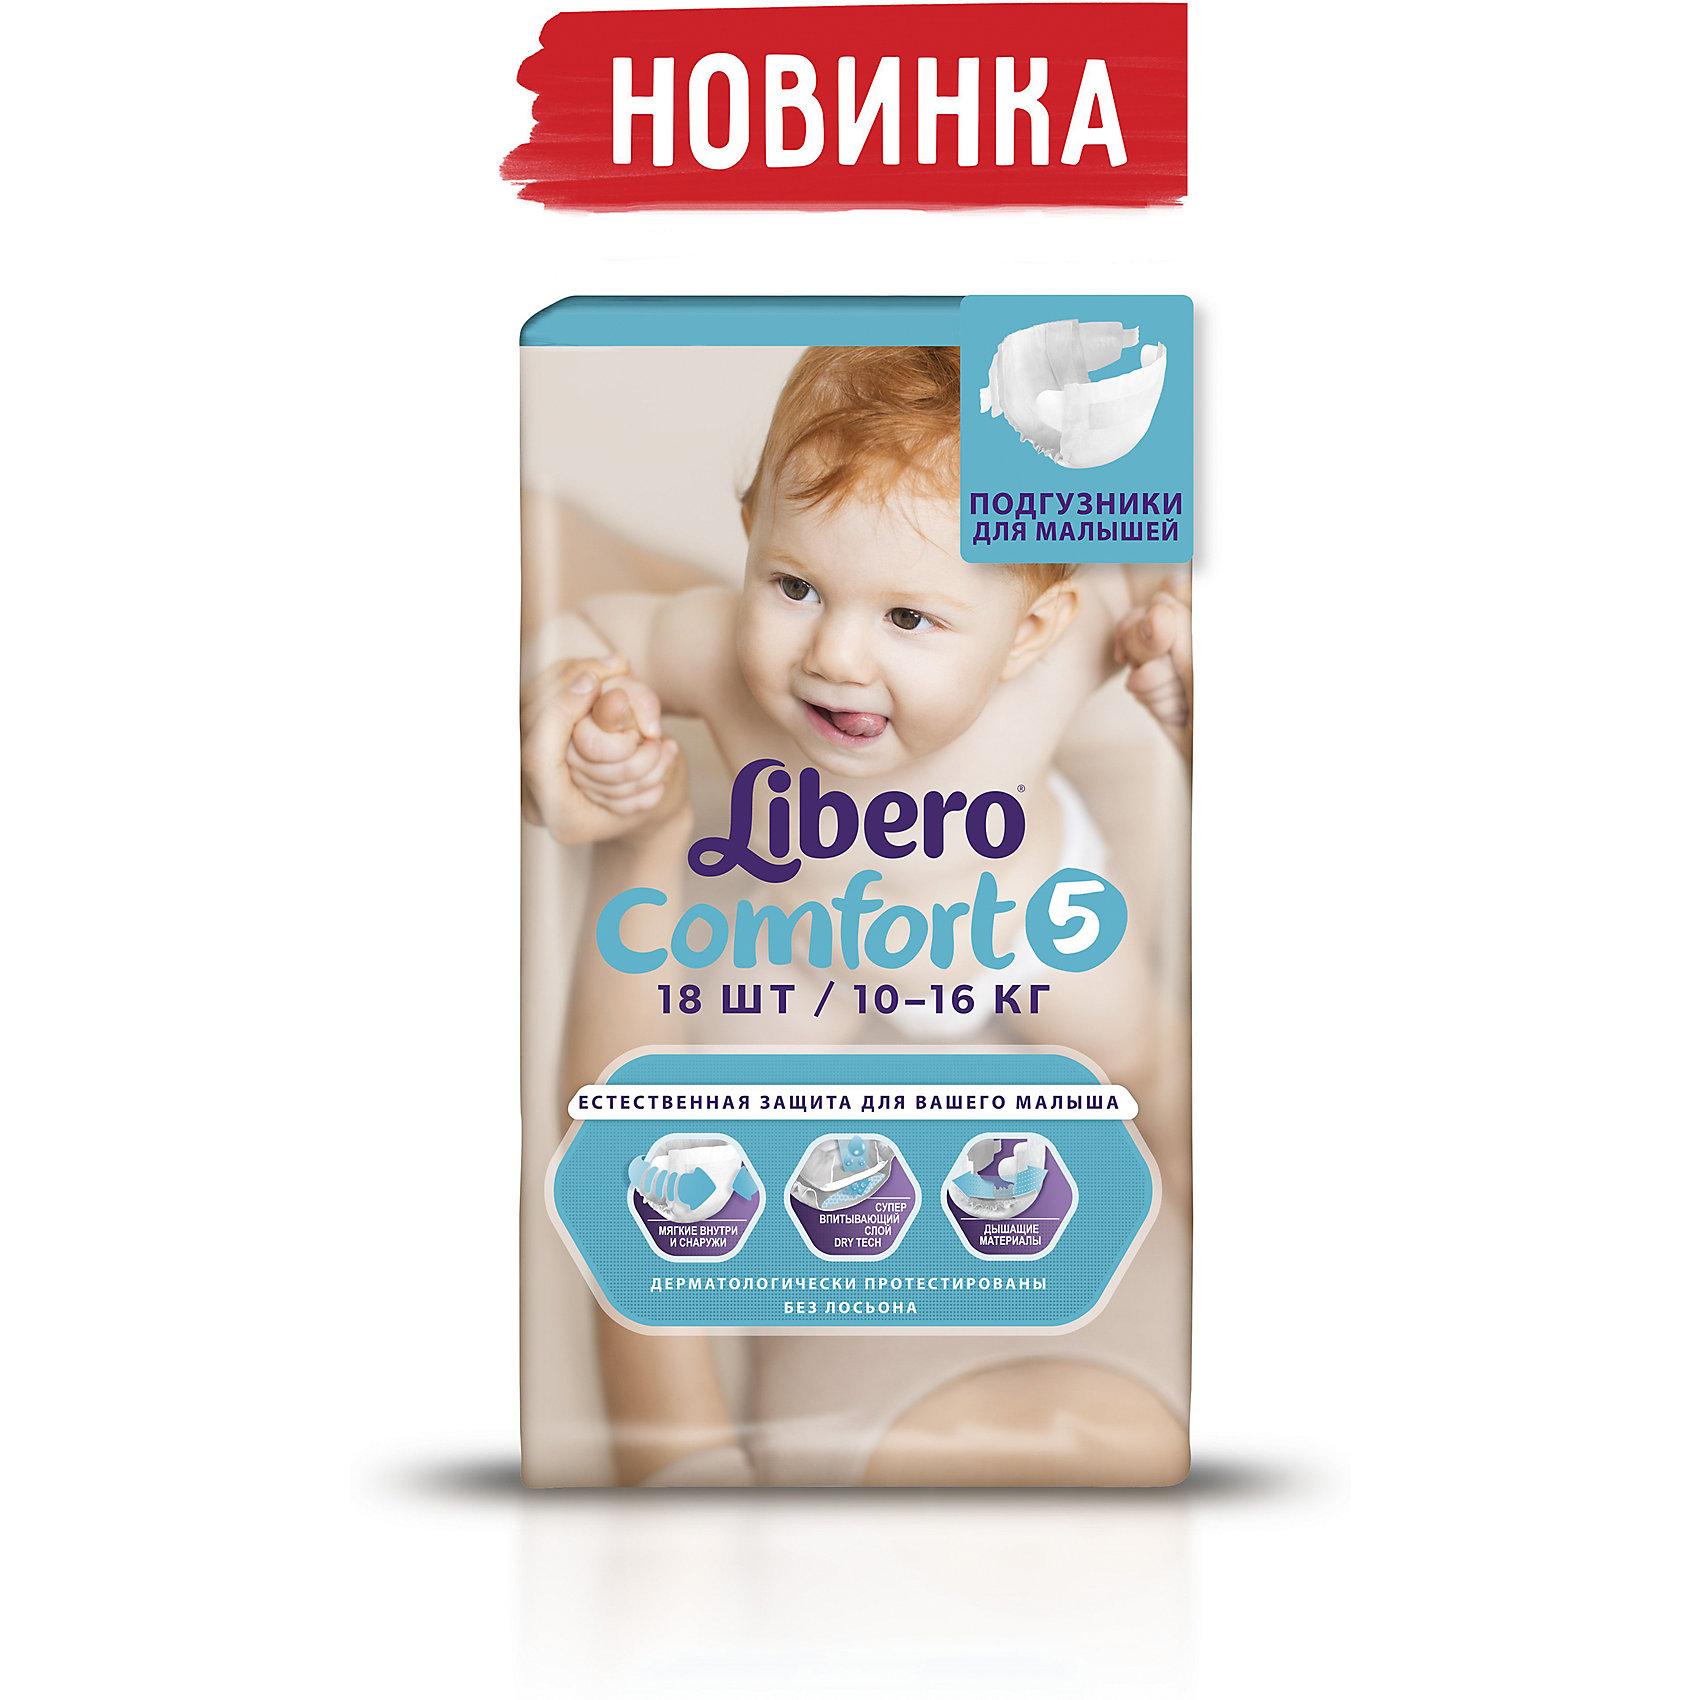 Подгузники Libero Comfort, Maxi Plus 10-16 кг (5), 18 шт.Подгузники более 12 кг.<br>Трусики-подгузники Libero Dry Pants (Либеро Драй Пентс) Size 5 (10-14кг), 18 шт.<br><br>Характеристики: <br><br>• легко надевать<br>• мягкие и тонкие трусики<br>• отлично впитывают и удерживают влагу<br>• содержат экстракт ромашки<br>• тянущийся поясок из дышащих материалов<br>• барьеры вокруг ножек защищают от протекания<br>• не сковывают движений<br>• легко снимать и сворачивать<br>• размер: 5 (10-14 кг)<br>• количество в упаковке: 18 шт.<br><br>Если ваш малыш не любит спокойно ждать пока вы его переоденете, то трусики-подгузники Libero Dry Pants станут для вас прекрасным решением. Они легко надеваются, как обычное белье и также легко снимаются при разрывании боковых швов. Трусики очень мягкие и тонкие, при этом они отлично впитывают и удерживают влагу, не стесняя движений крохи. Экстракт ромашки и алоэ успокоит нежную кожу малыша. Высокие барьеры и эластичный поясок препятствуют протеканию.  После использования вы легко сможете свернуть трусики и заклеить из специальной клейкой лентой. Яркая упаковка и привлекательный дизайн превратят процесс переодевания в веселую игру!<br><br>Трусики-подгузники Libero Dry Pants Size 5 (10-14кг), 18 шт. вы можете купить в нашем интернет-магазине.<br><br>Ширина мм: 127<br>Глубина мм: 147<br>Высота мм: 218<br>Вес г: 648<br>Возраст от месяцев: 6<br>Возраст до месяцев: 36<br>Пол: Унисекс<br>Возраст: Детский<br>SKU: 3517612